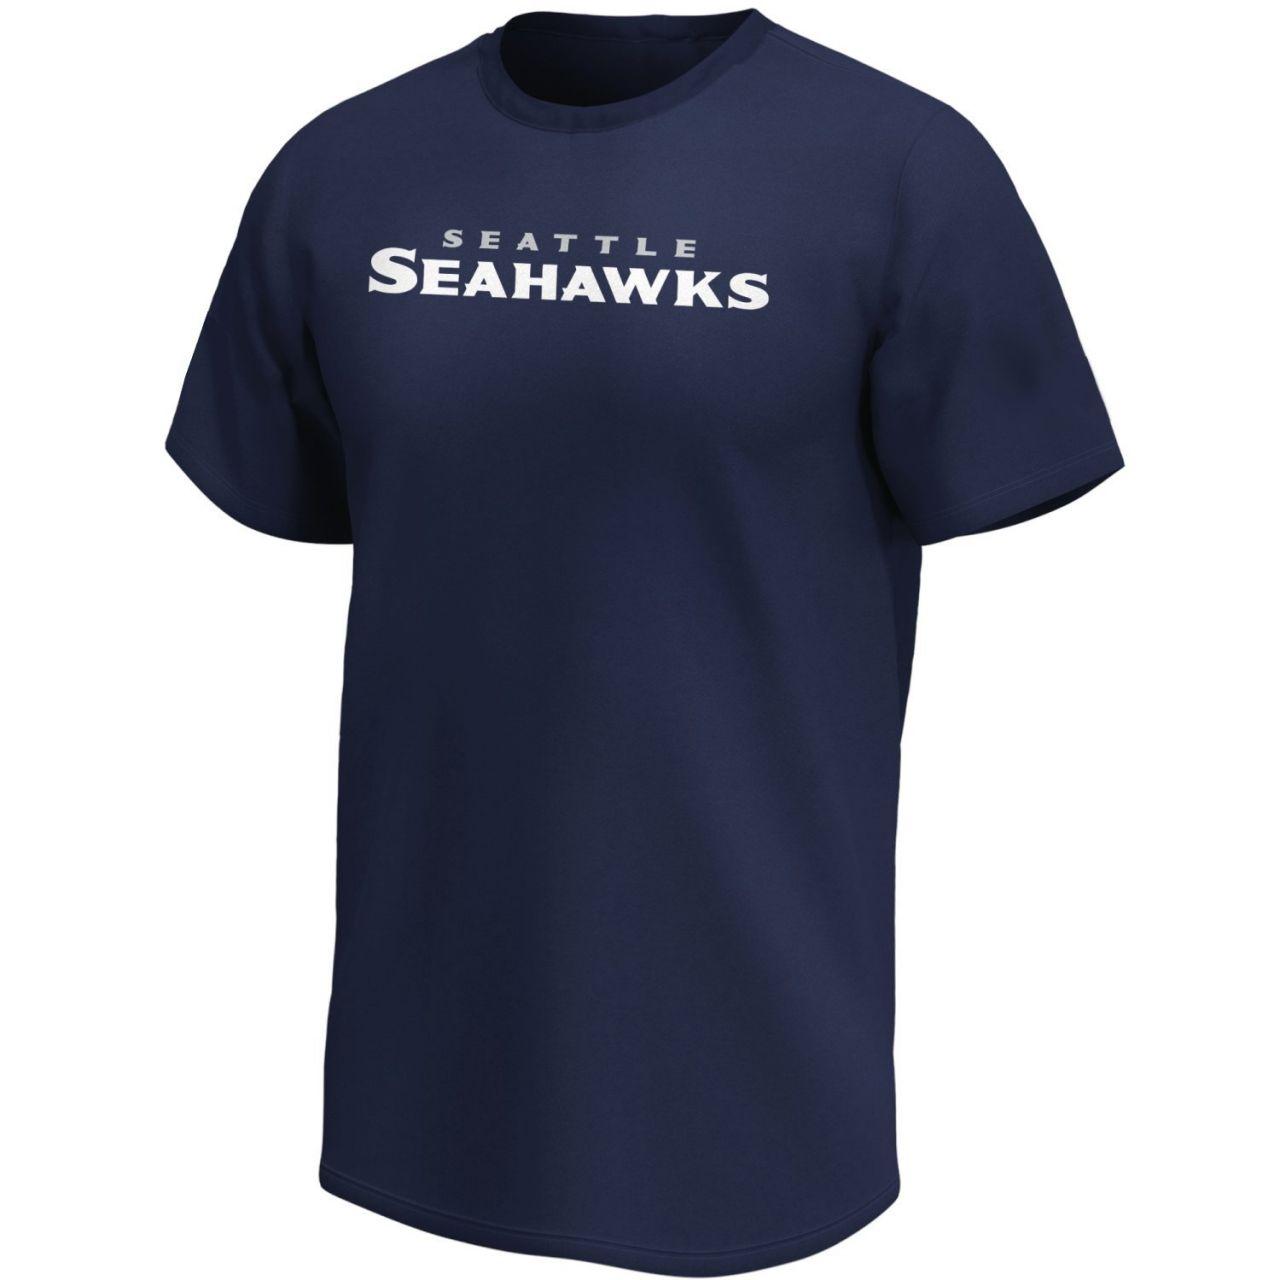 amfoo - Seattle Seahawks NFL Fan Shirt Wordmark Logo navy